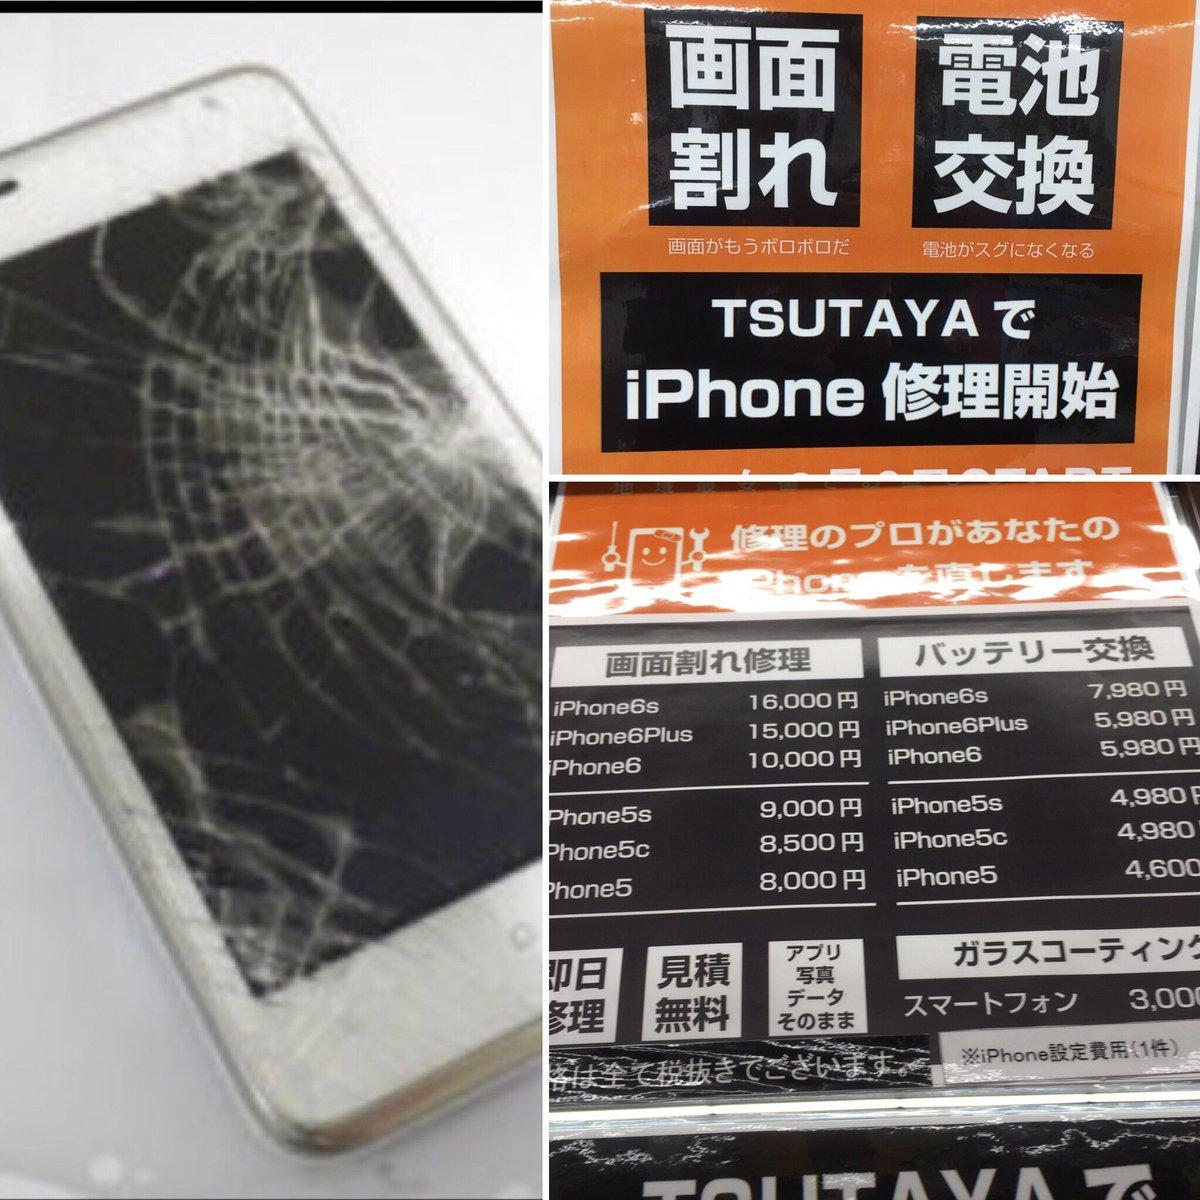 当店では、iPhone修理サービス&バッテリー交換を好評受付中❗️お支払いにはTポイントご利用OK🙆無料見積もり